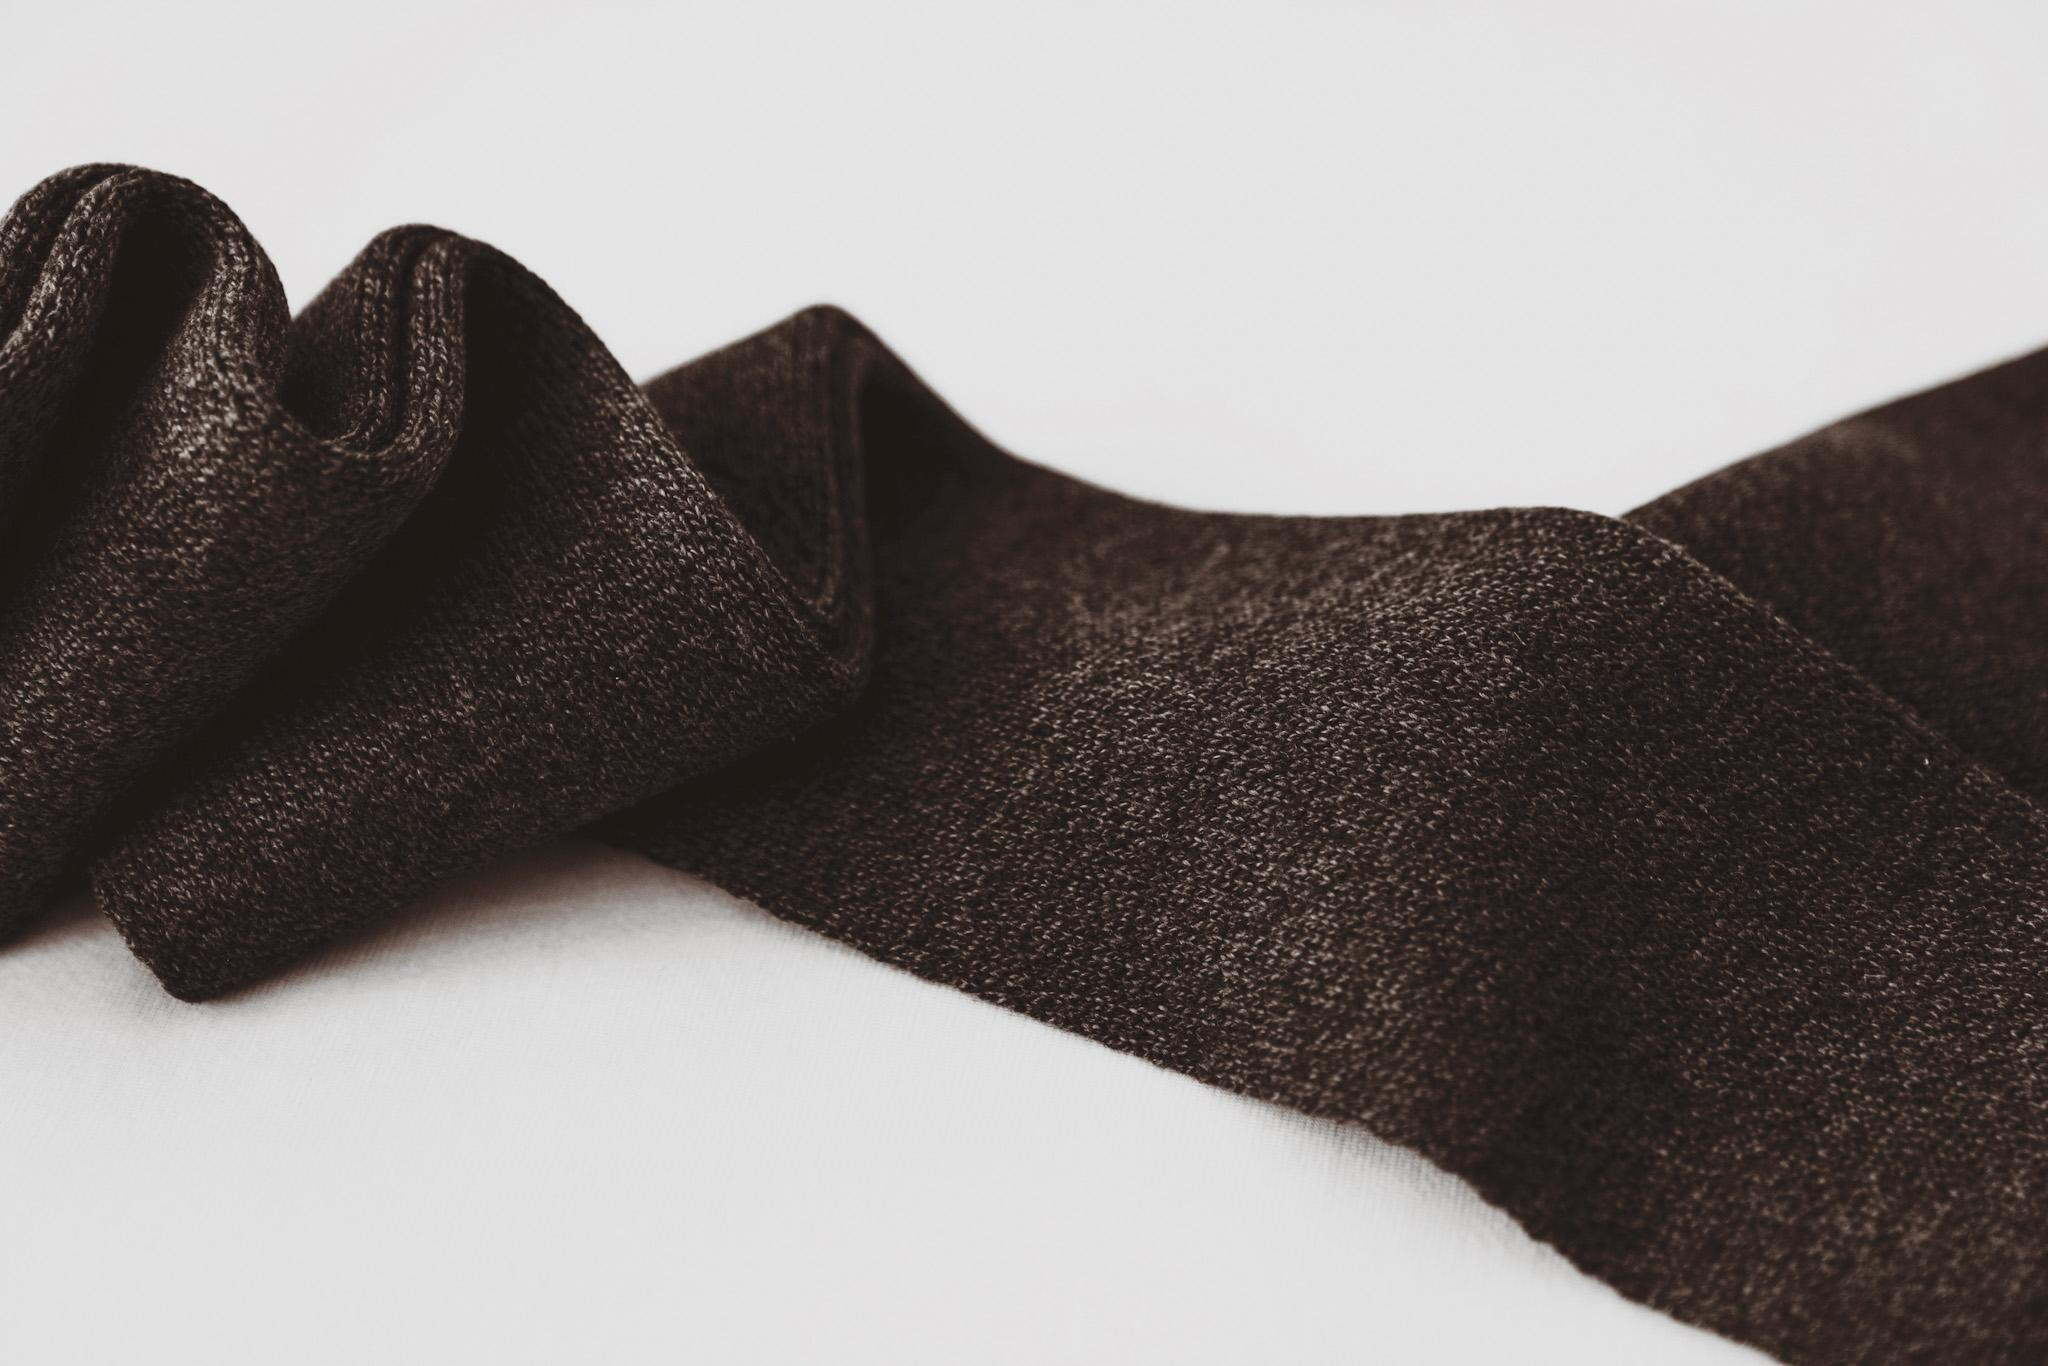 Socke braun